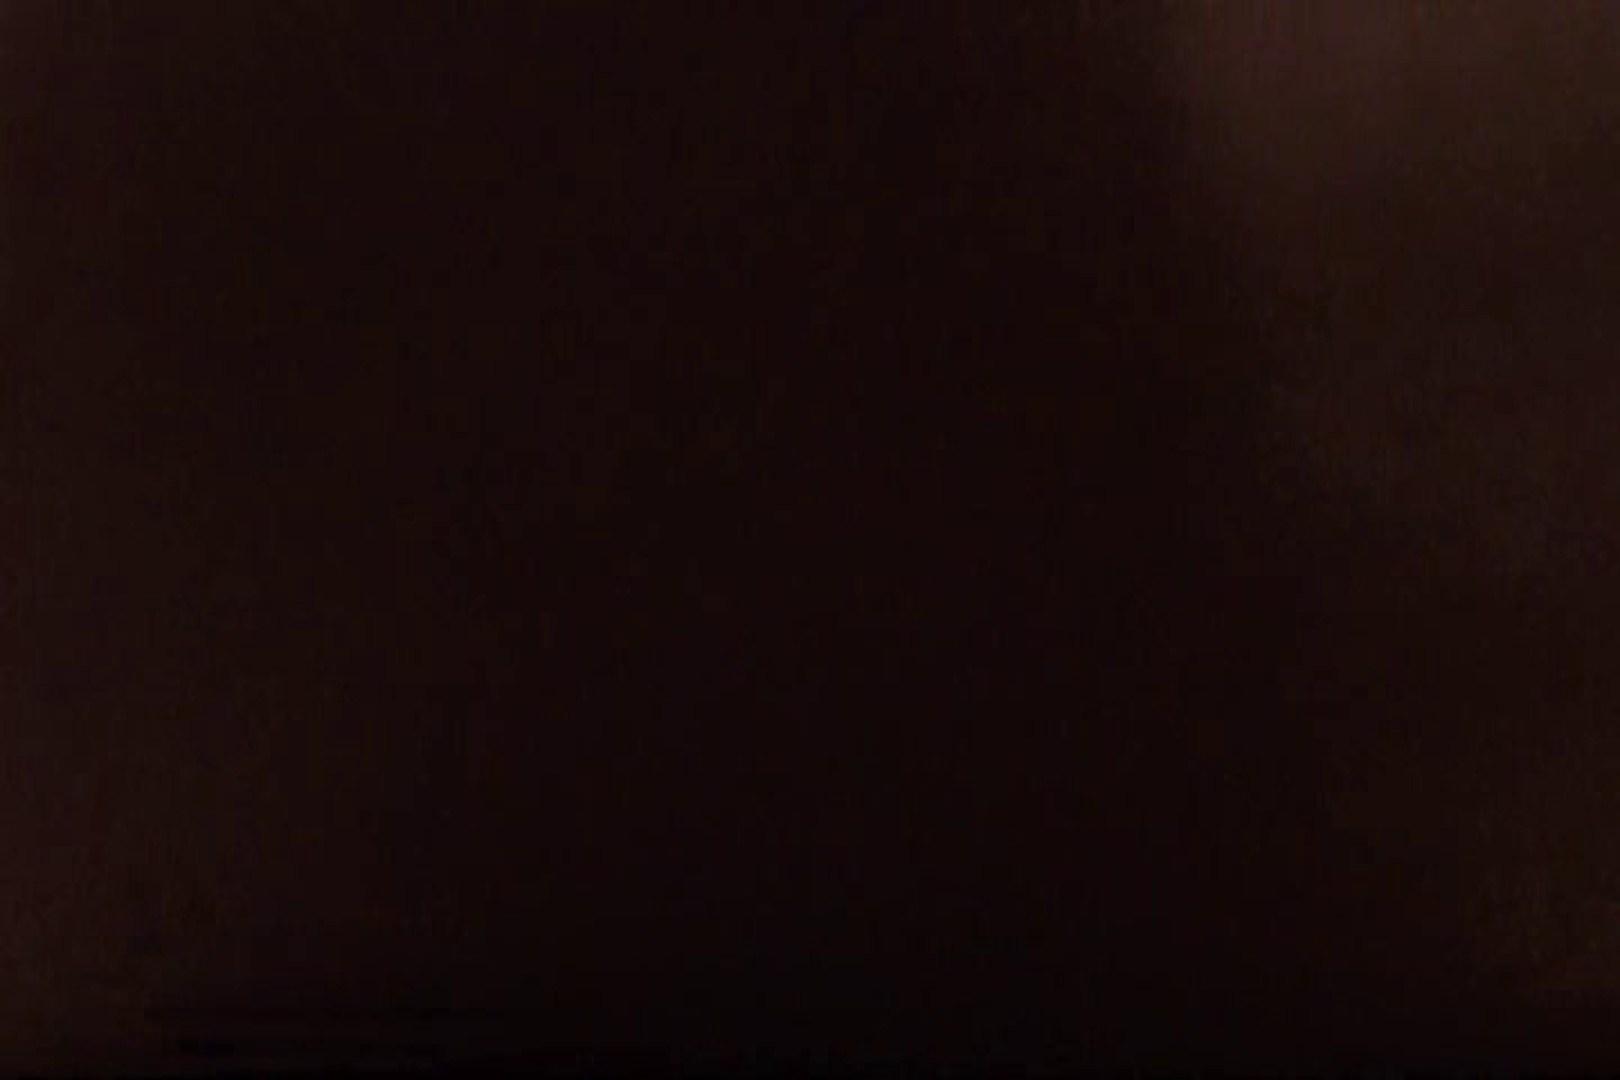 独占配信! ●罪証拠DVD 起きません! vol.06 OLエロ画像 盗撮セックス無修正動画無料 74PICs 42